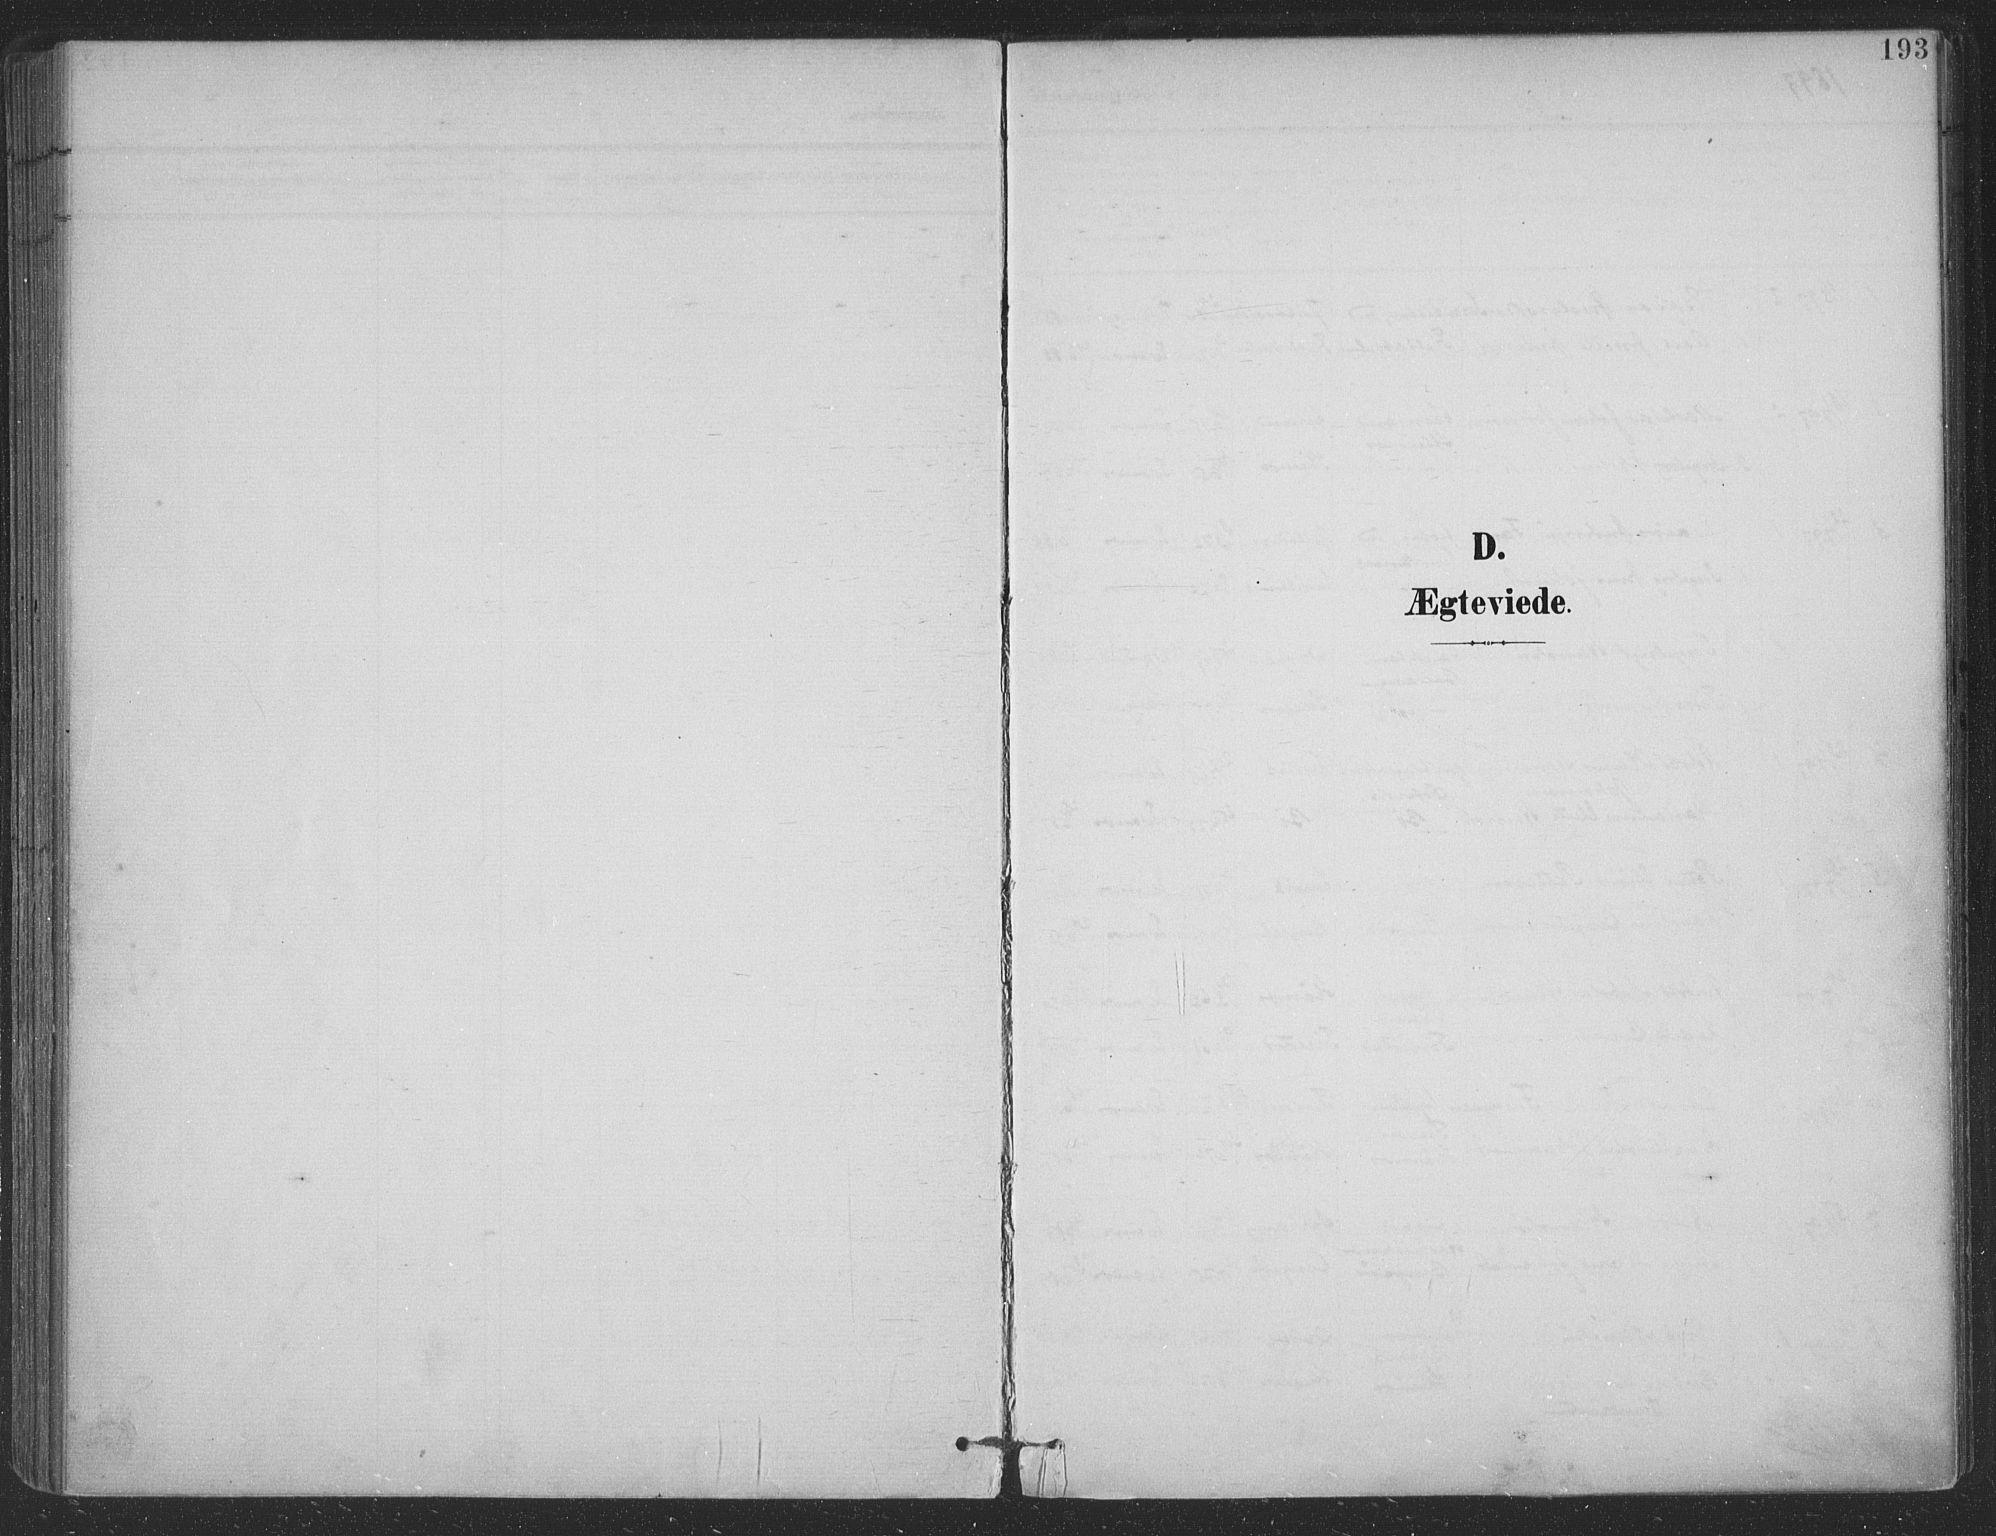 SAT, Ministerialprotokoller, klokkerbøker og fødselsregistre - Nordland, 863/L0899: Parish register (official) no. 863A11, 1897-1906, p. 193